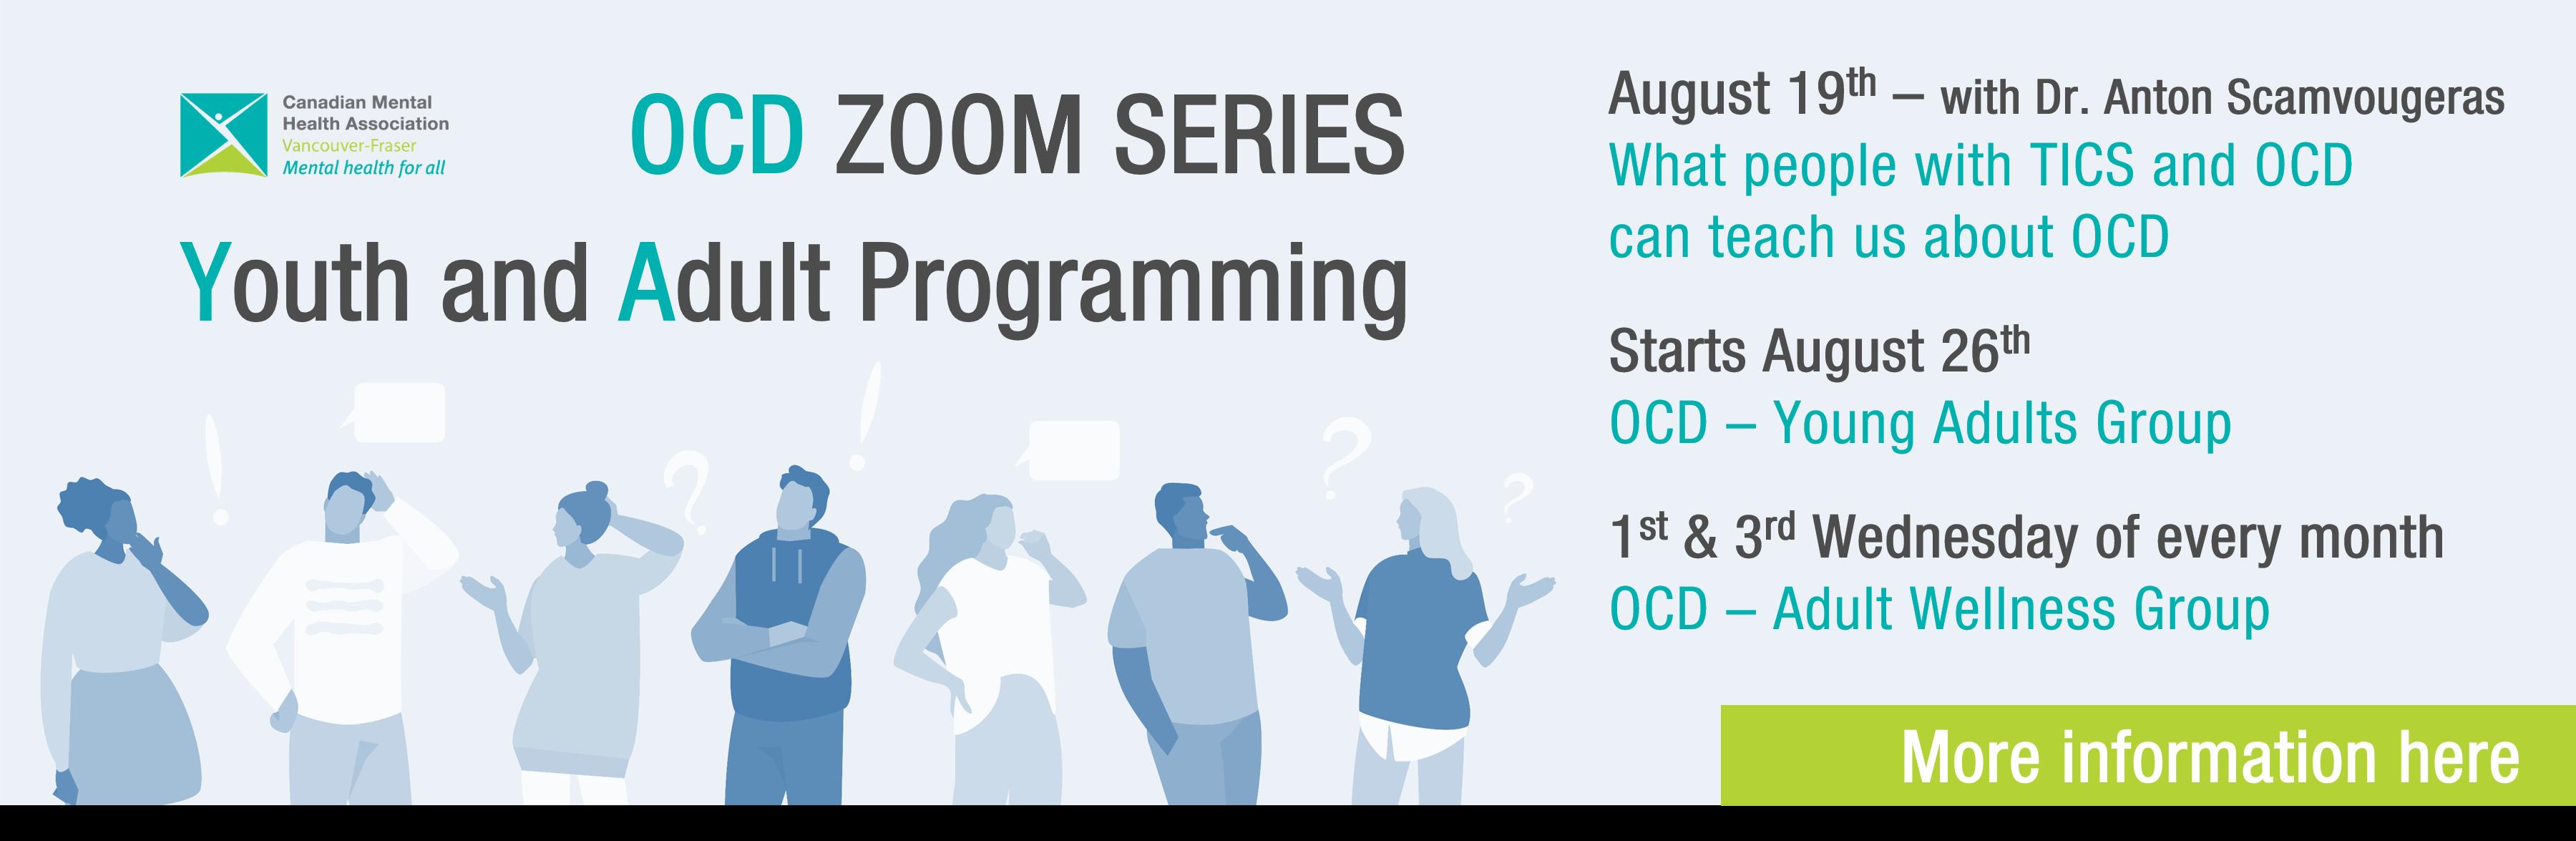 OCD Zoom Series